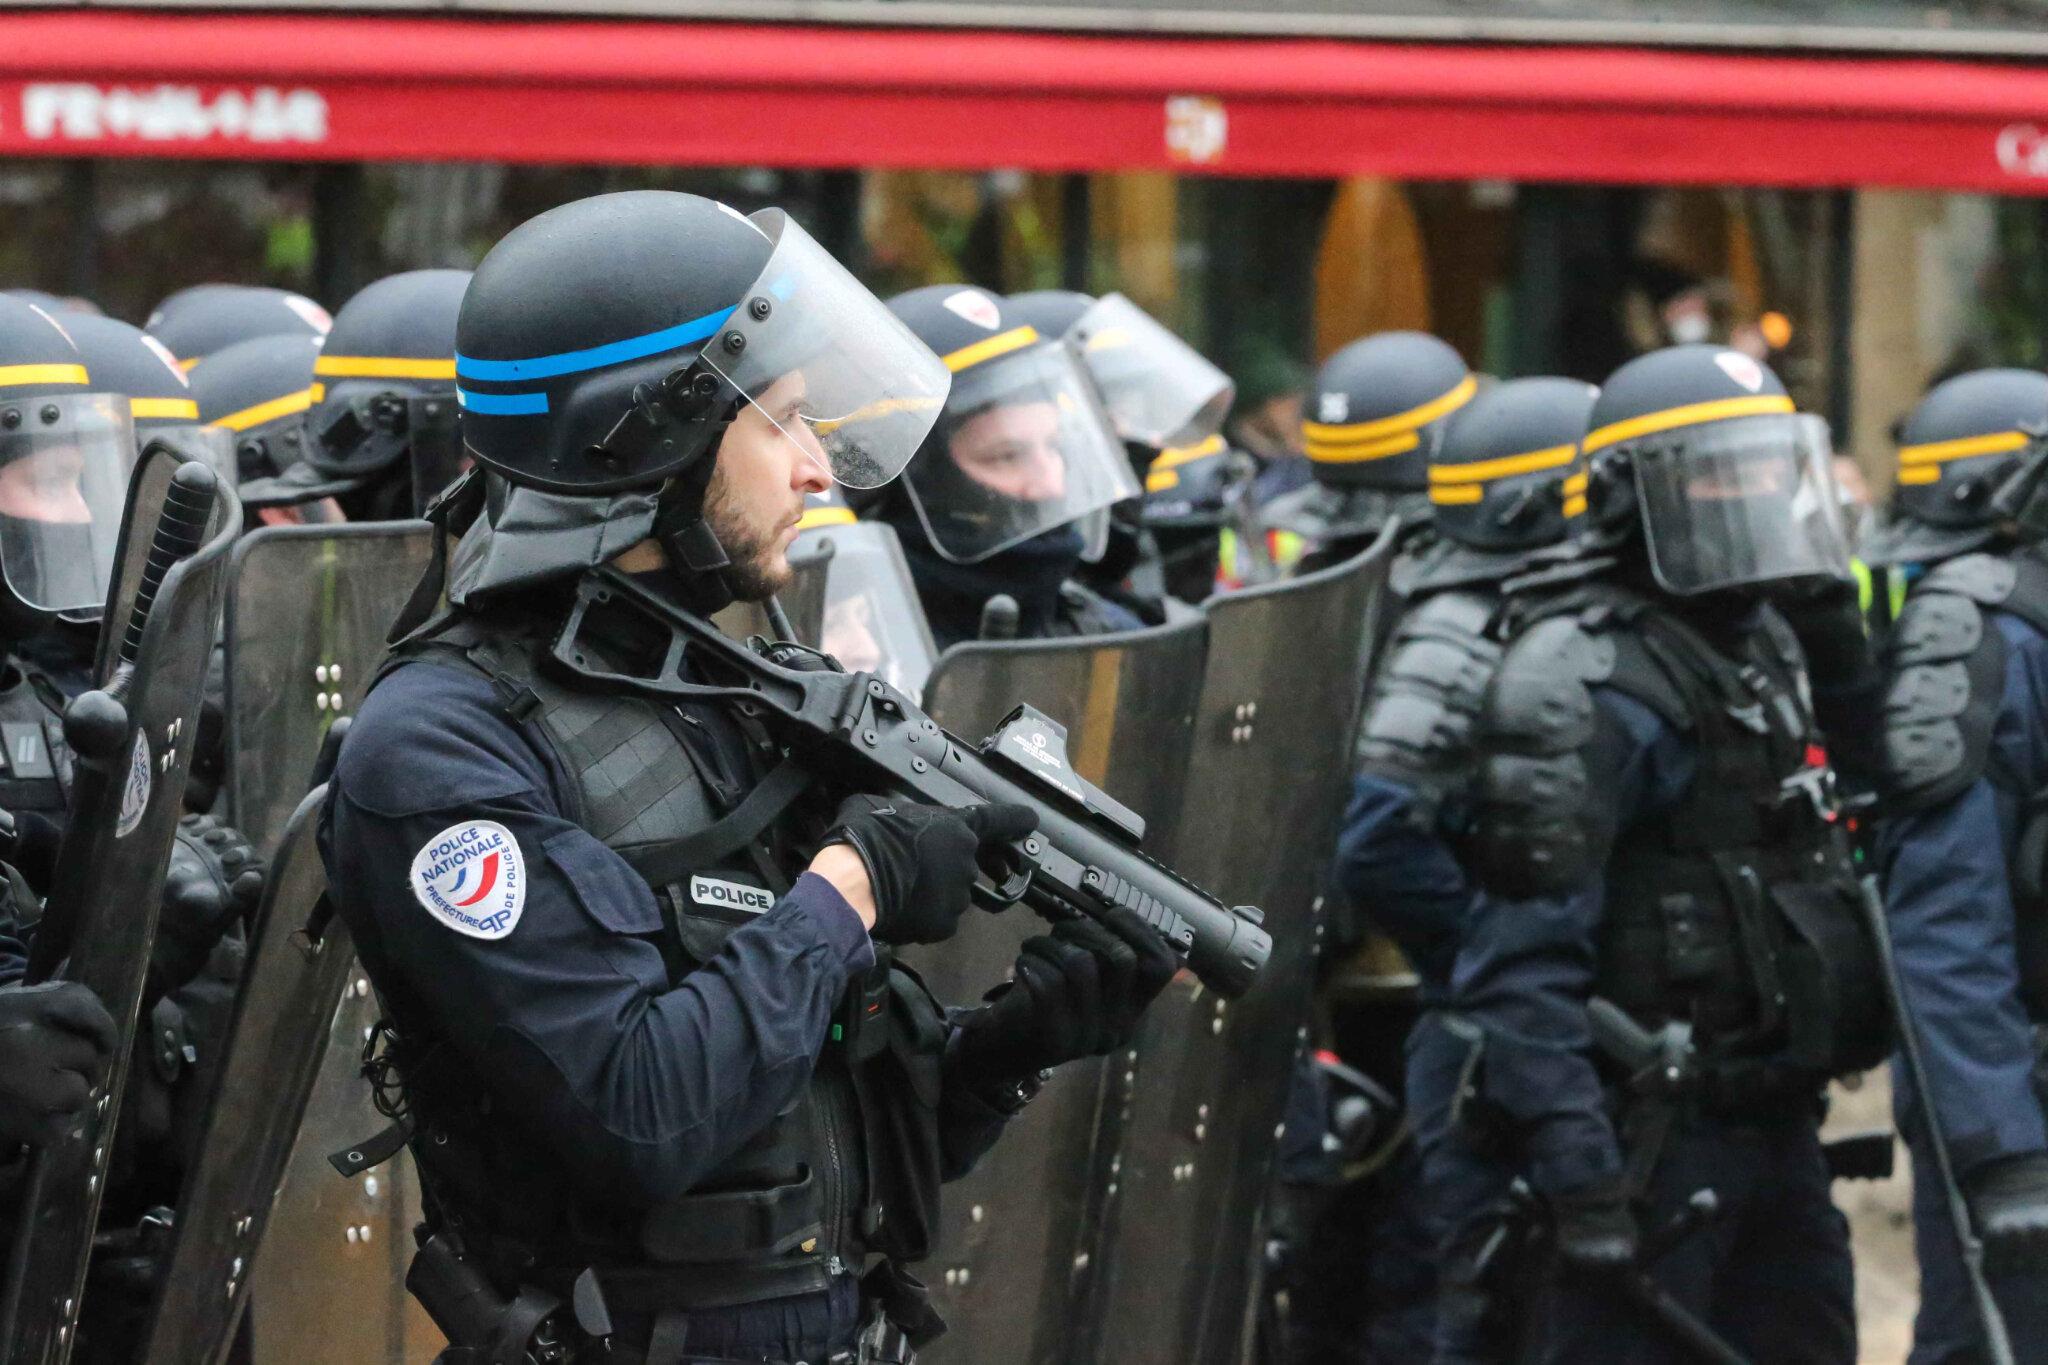 Le ministère n'oblige pas vraiment les policiers à filmer leurs tirs. © Michel Stoupak. Sam 26.01.2019, 16h35m04.